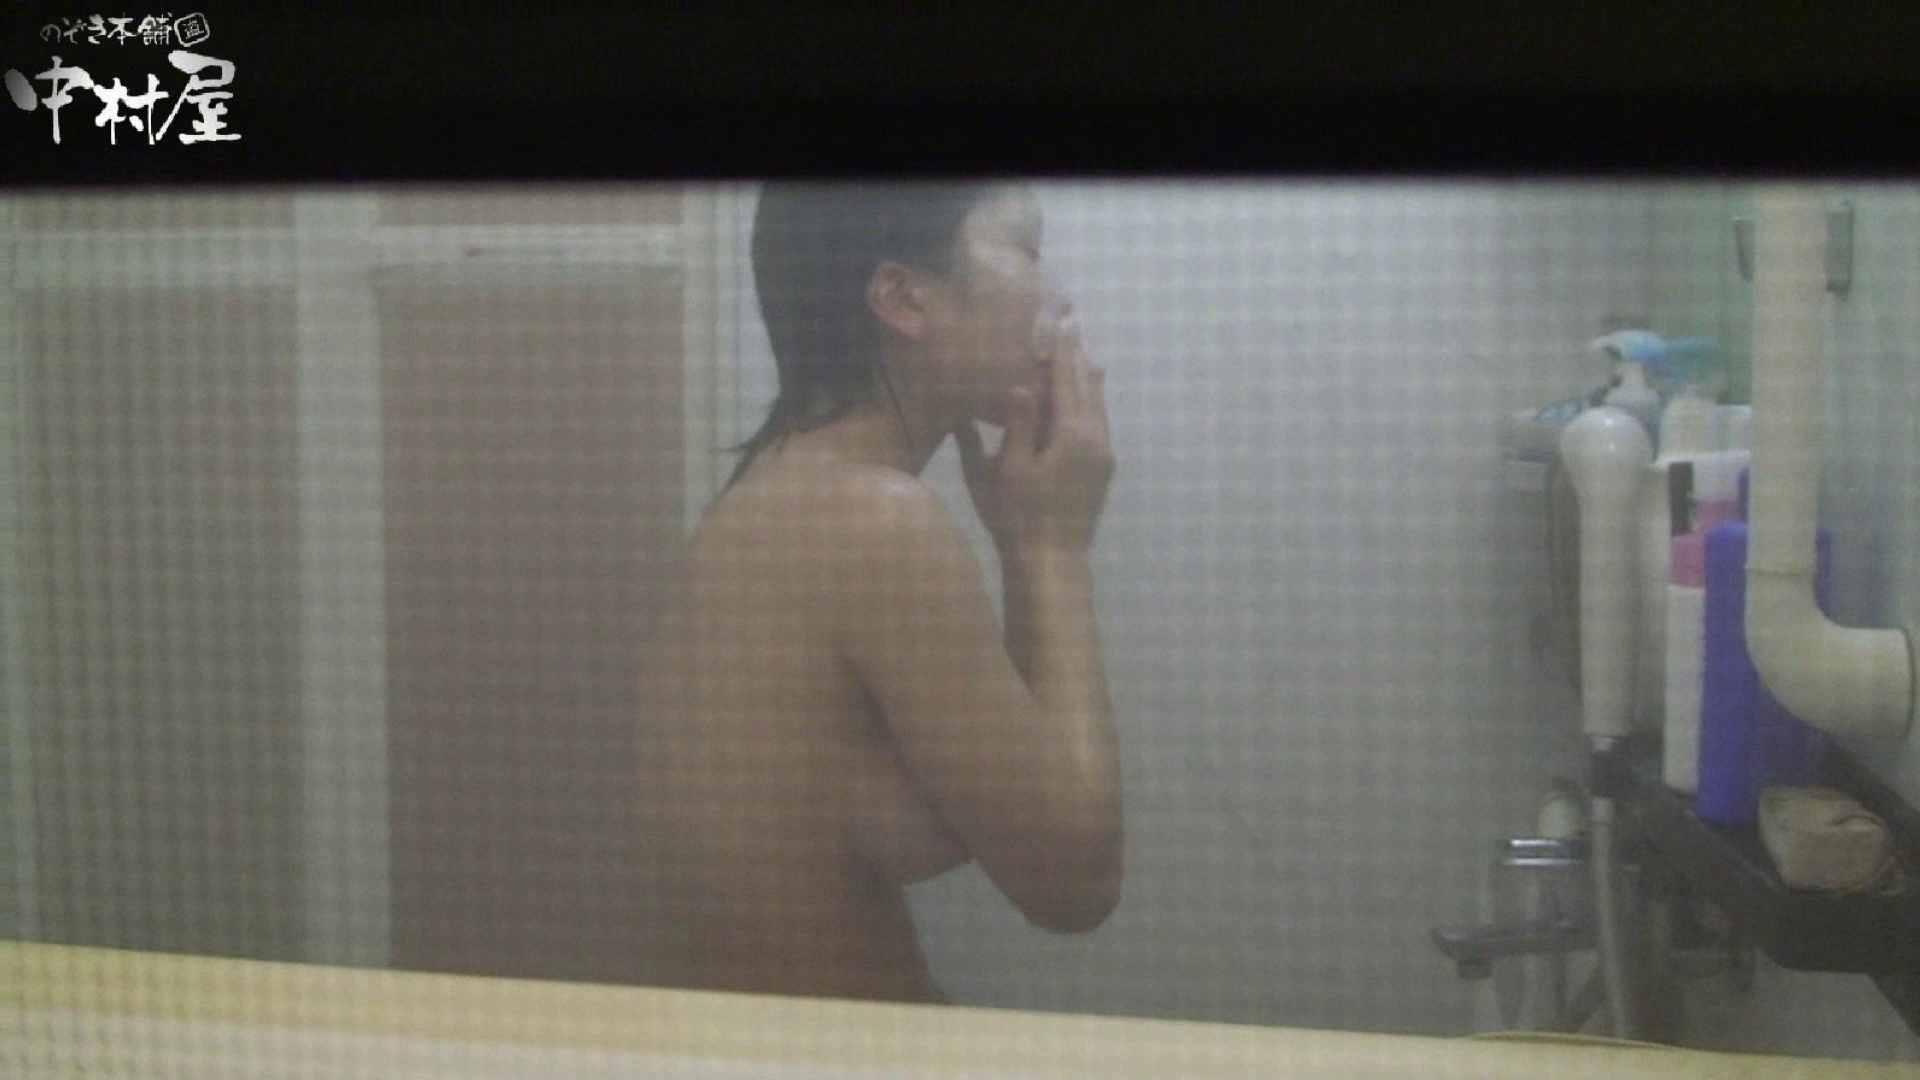 民家風呂専門盗撮師の超危険映像 vol.027 OLのプライベート オマンコ動画キャプチャ 10pic 8